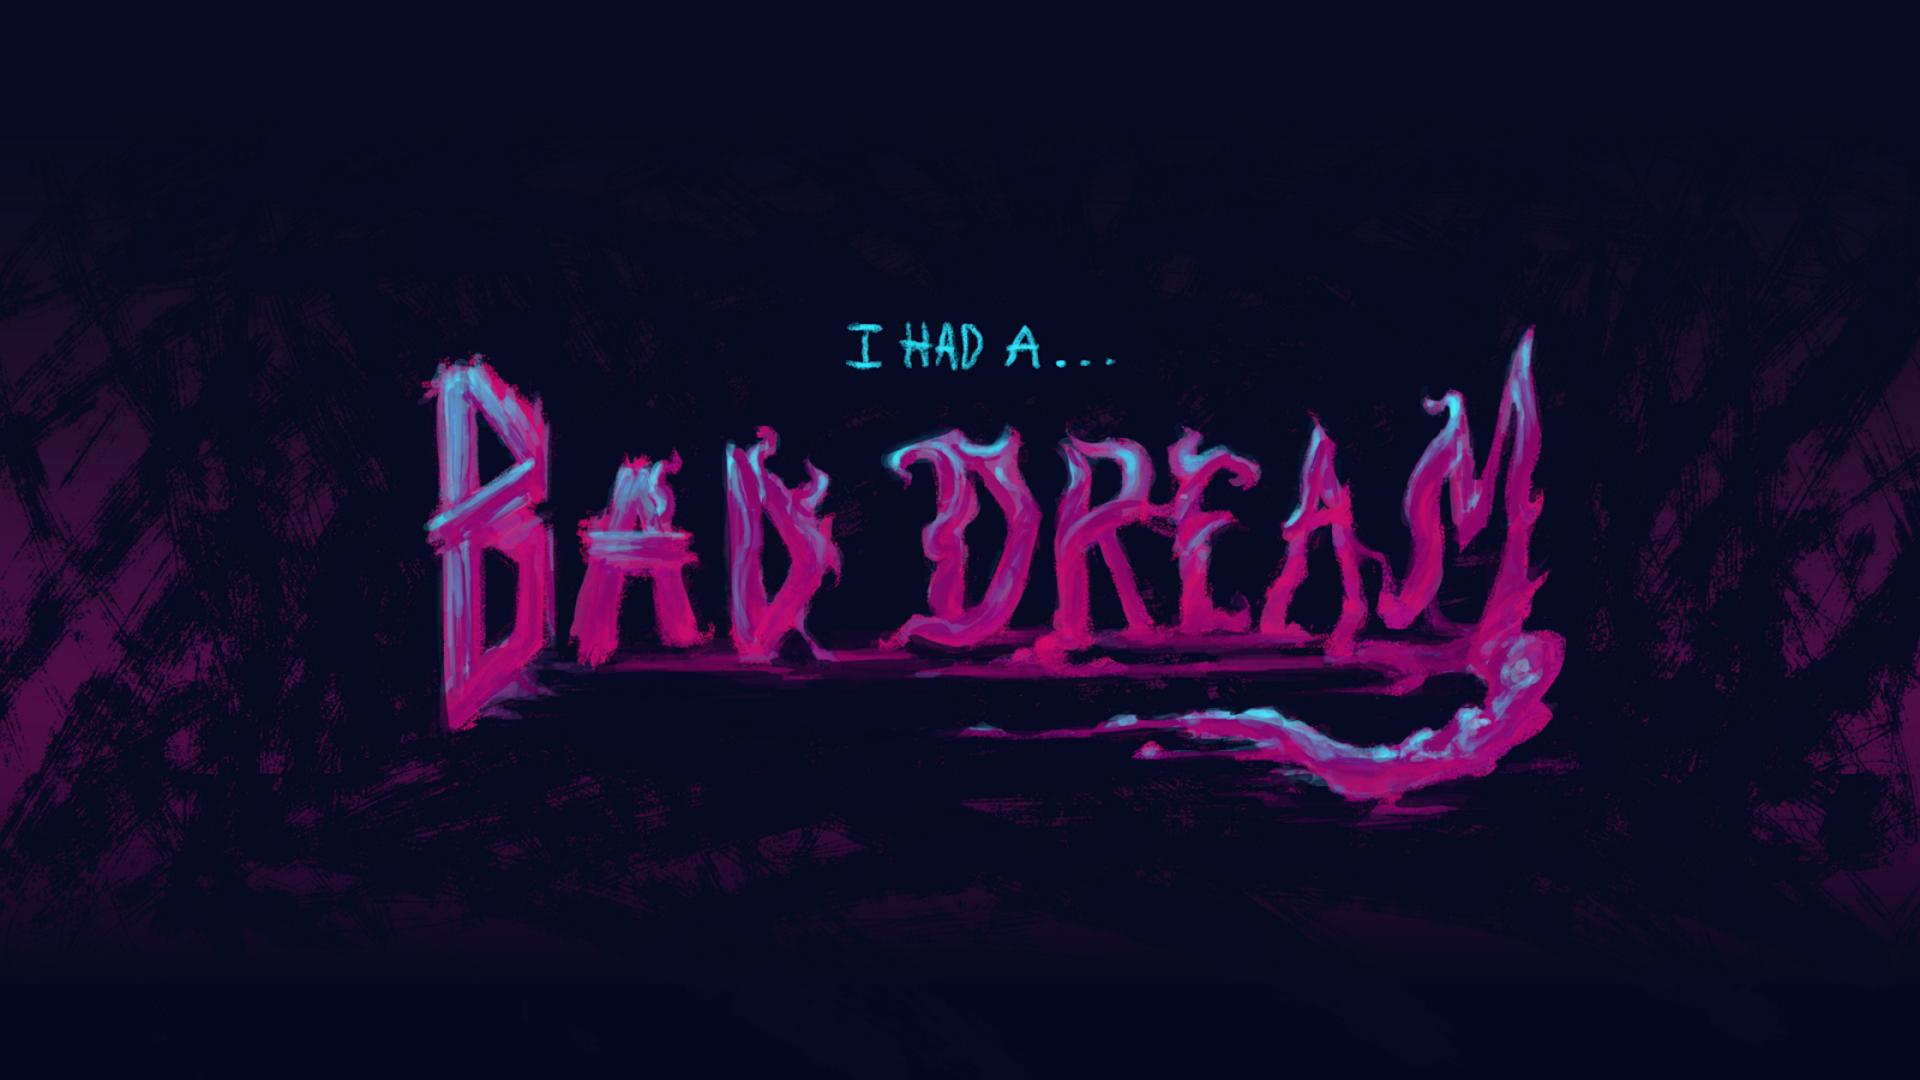 i had a bad dream